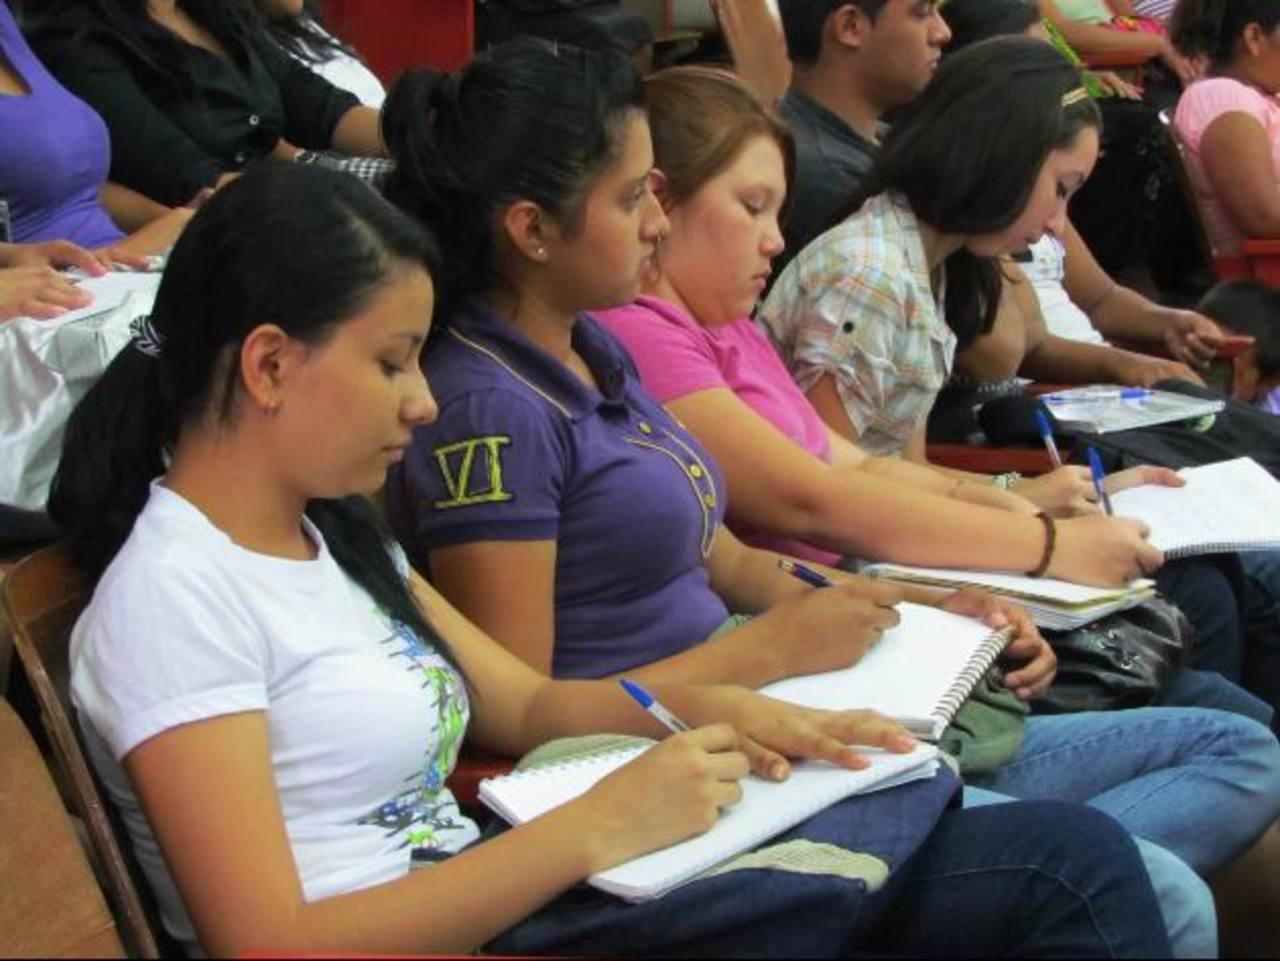 La actividad se llevó a cabo en la sede de la Universidad de El Salvador en Santa Ana. Foto EDH / Mauricio Guevara